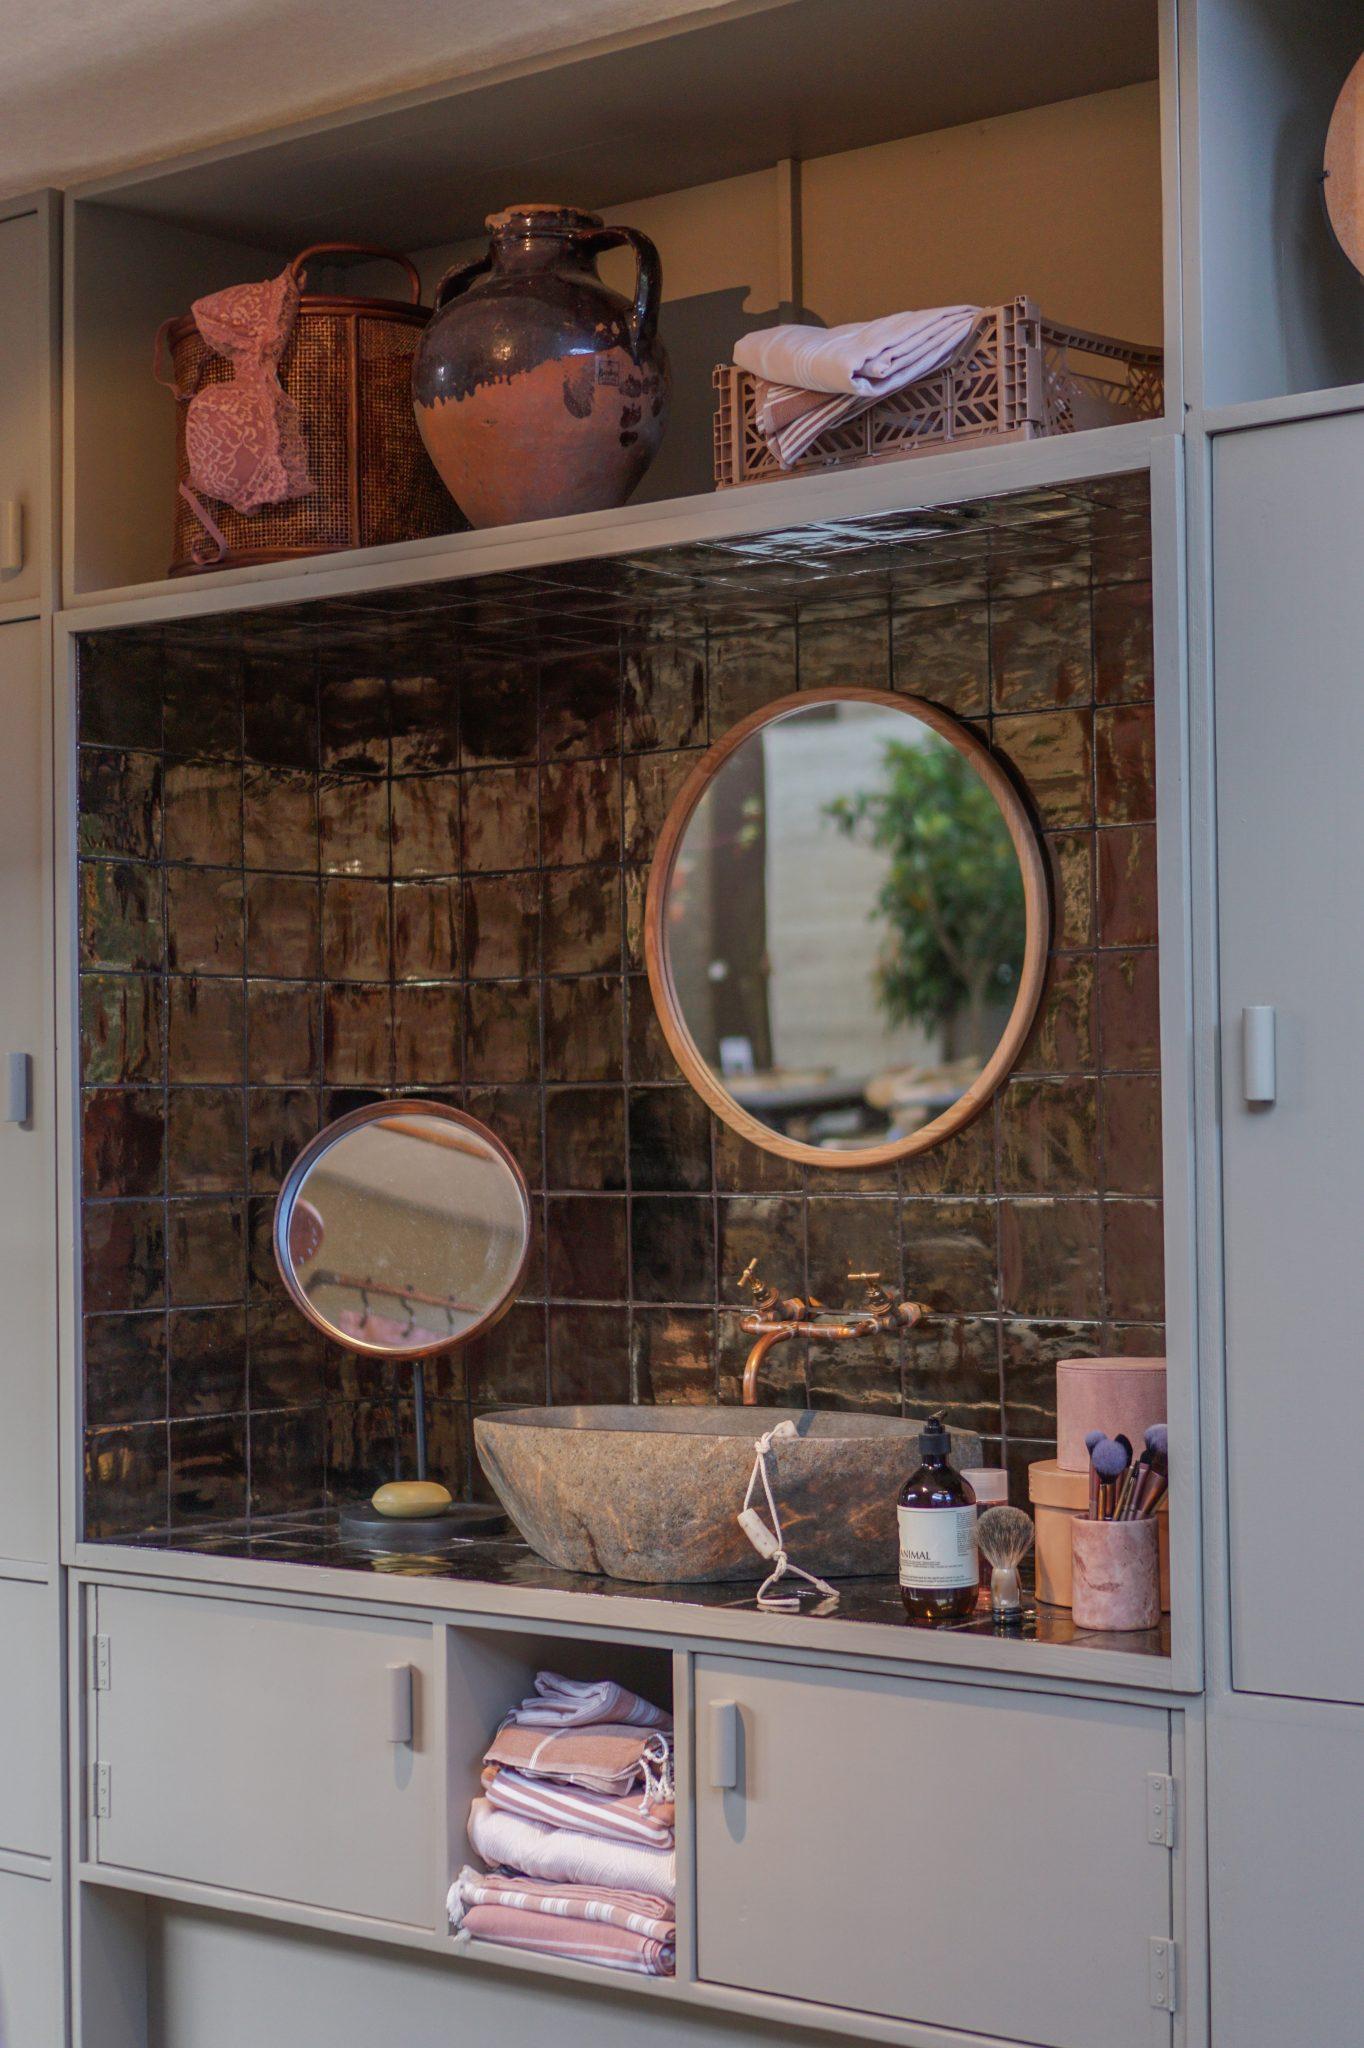 bdakamer ronde spiegel